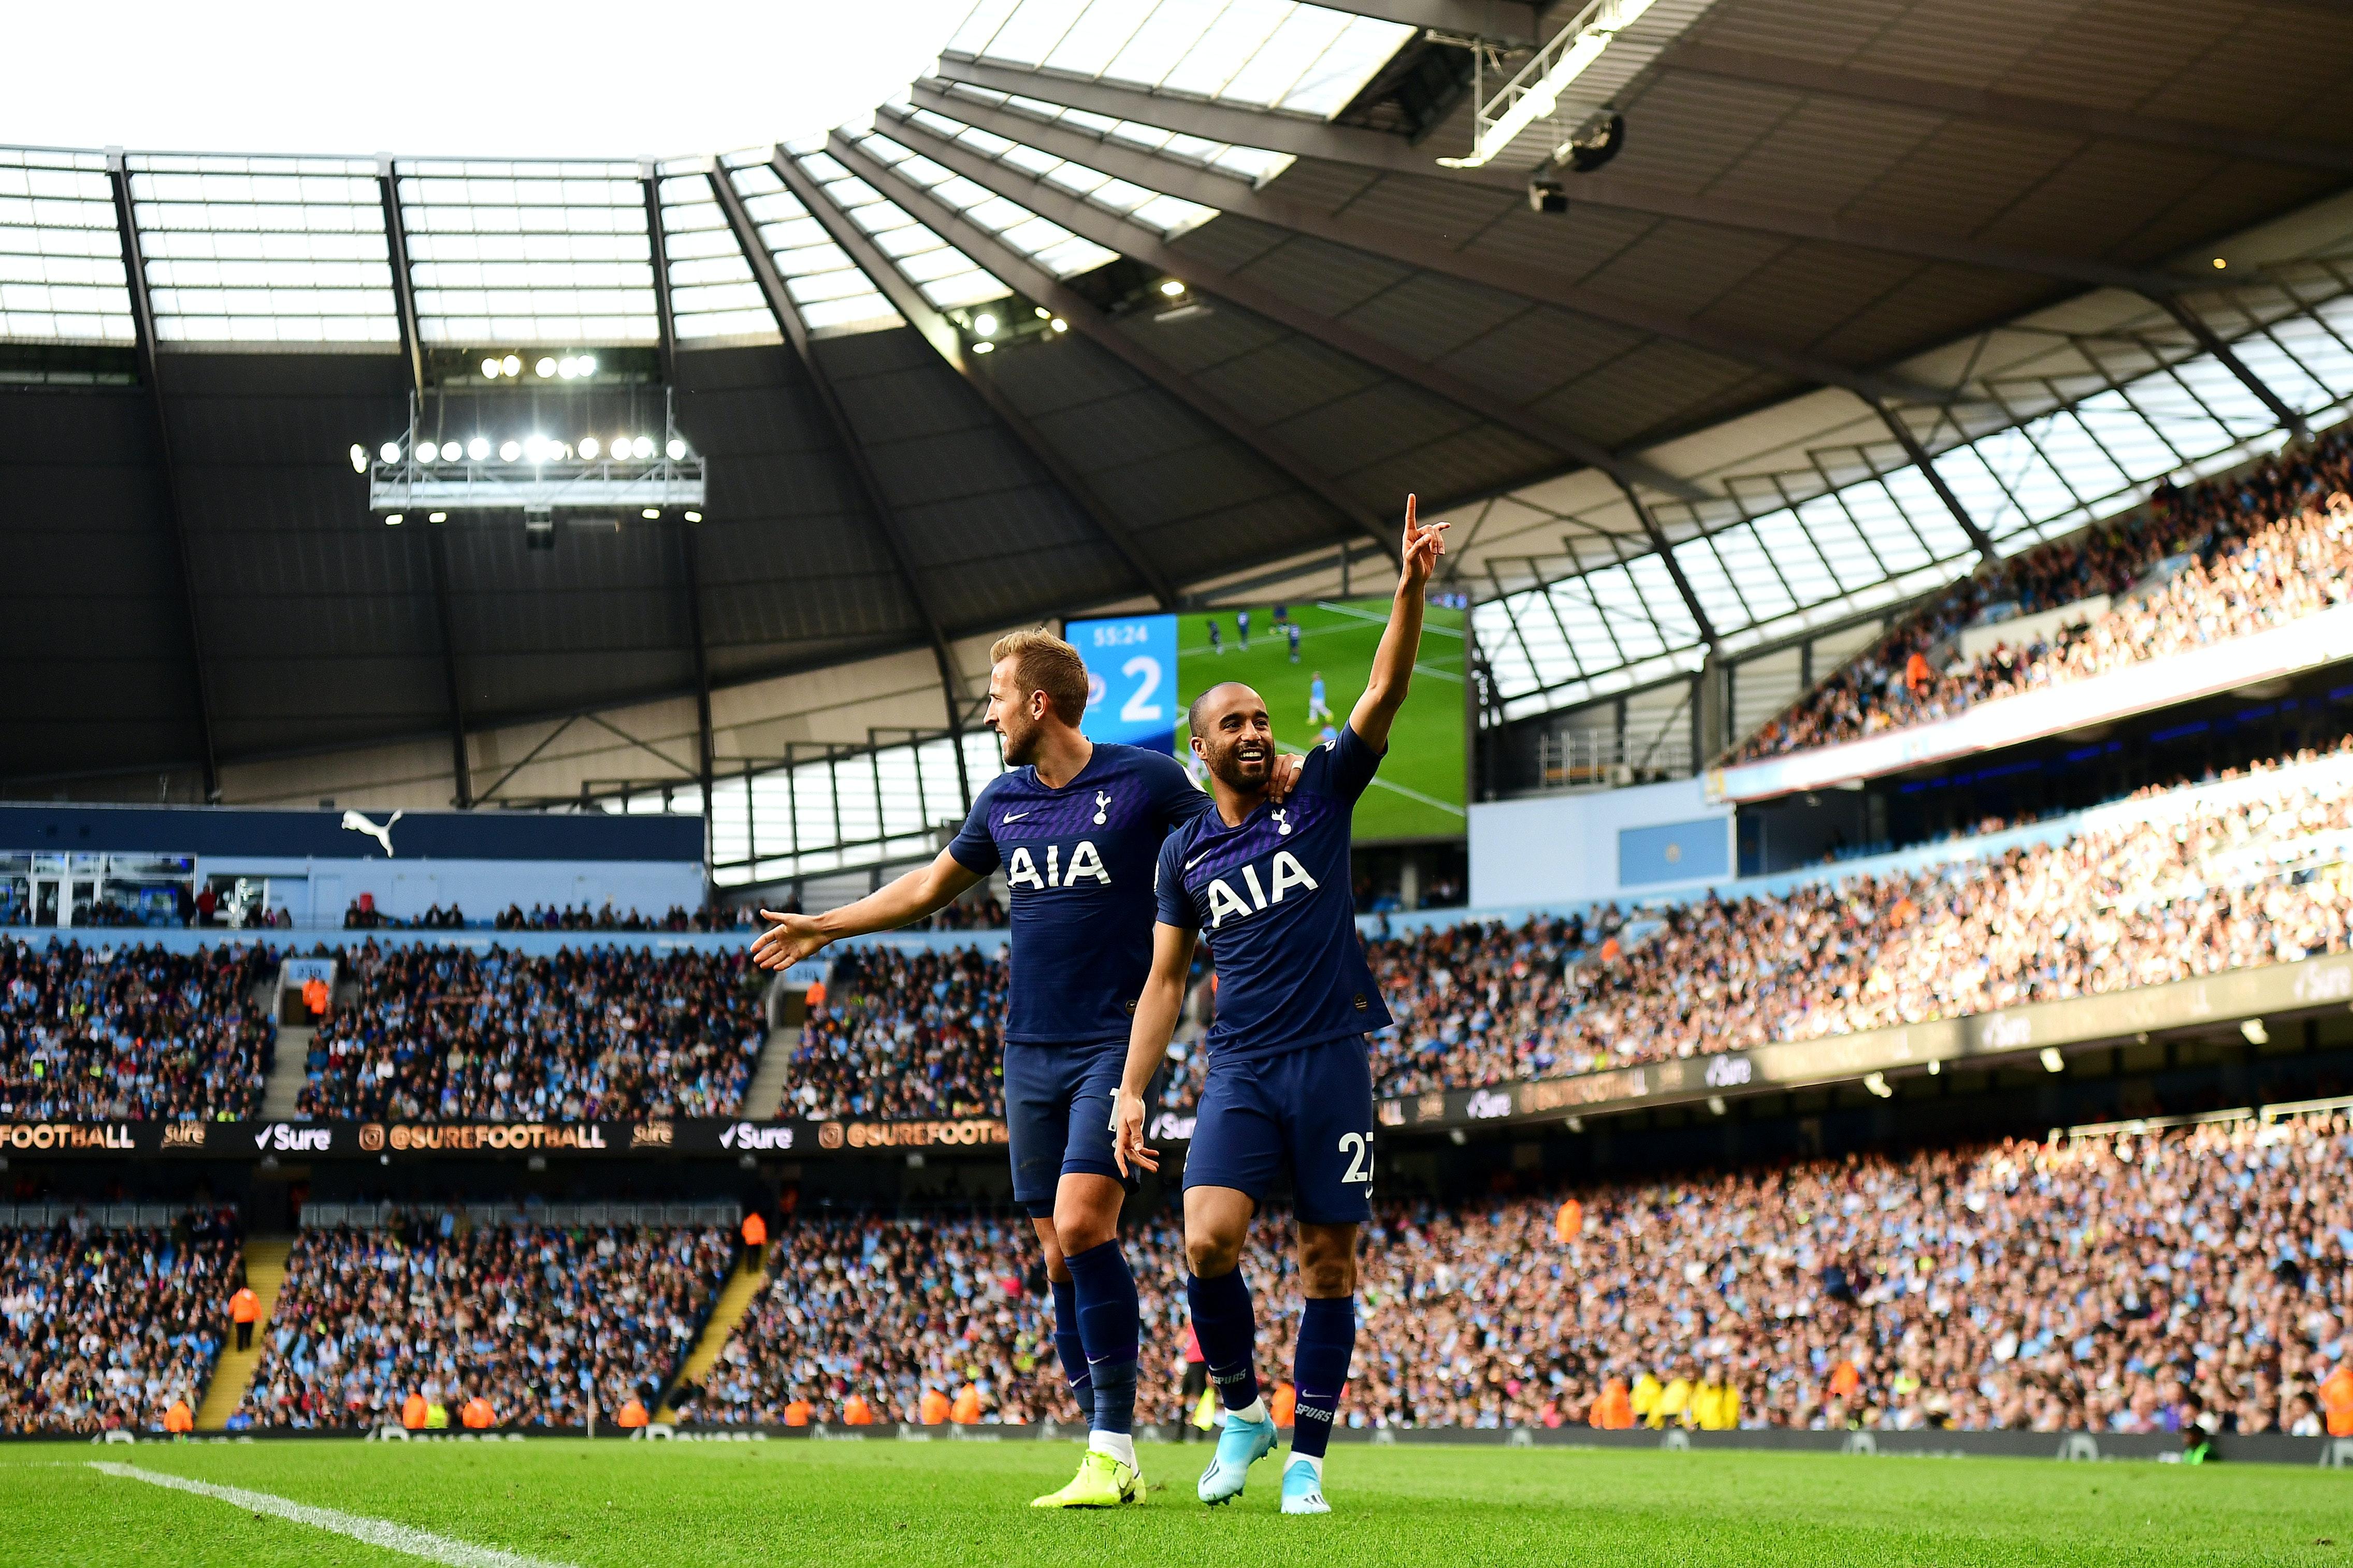 VAR-drama da Manchester City avga poeng på hjemmebane